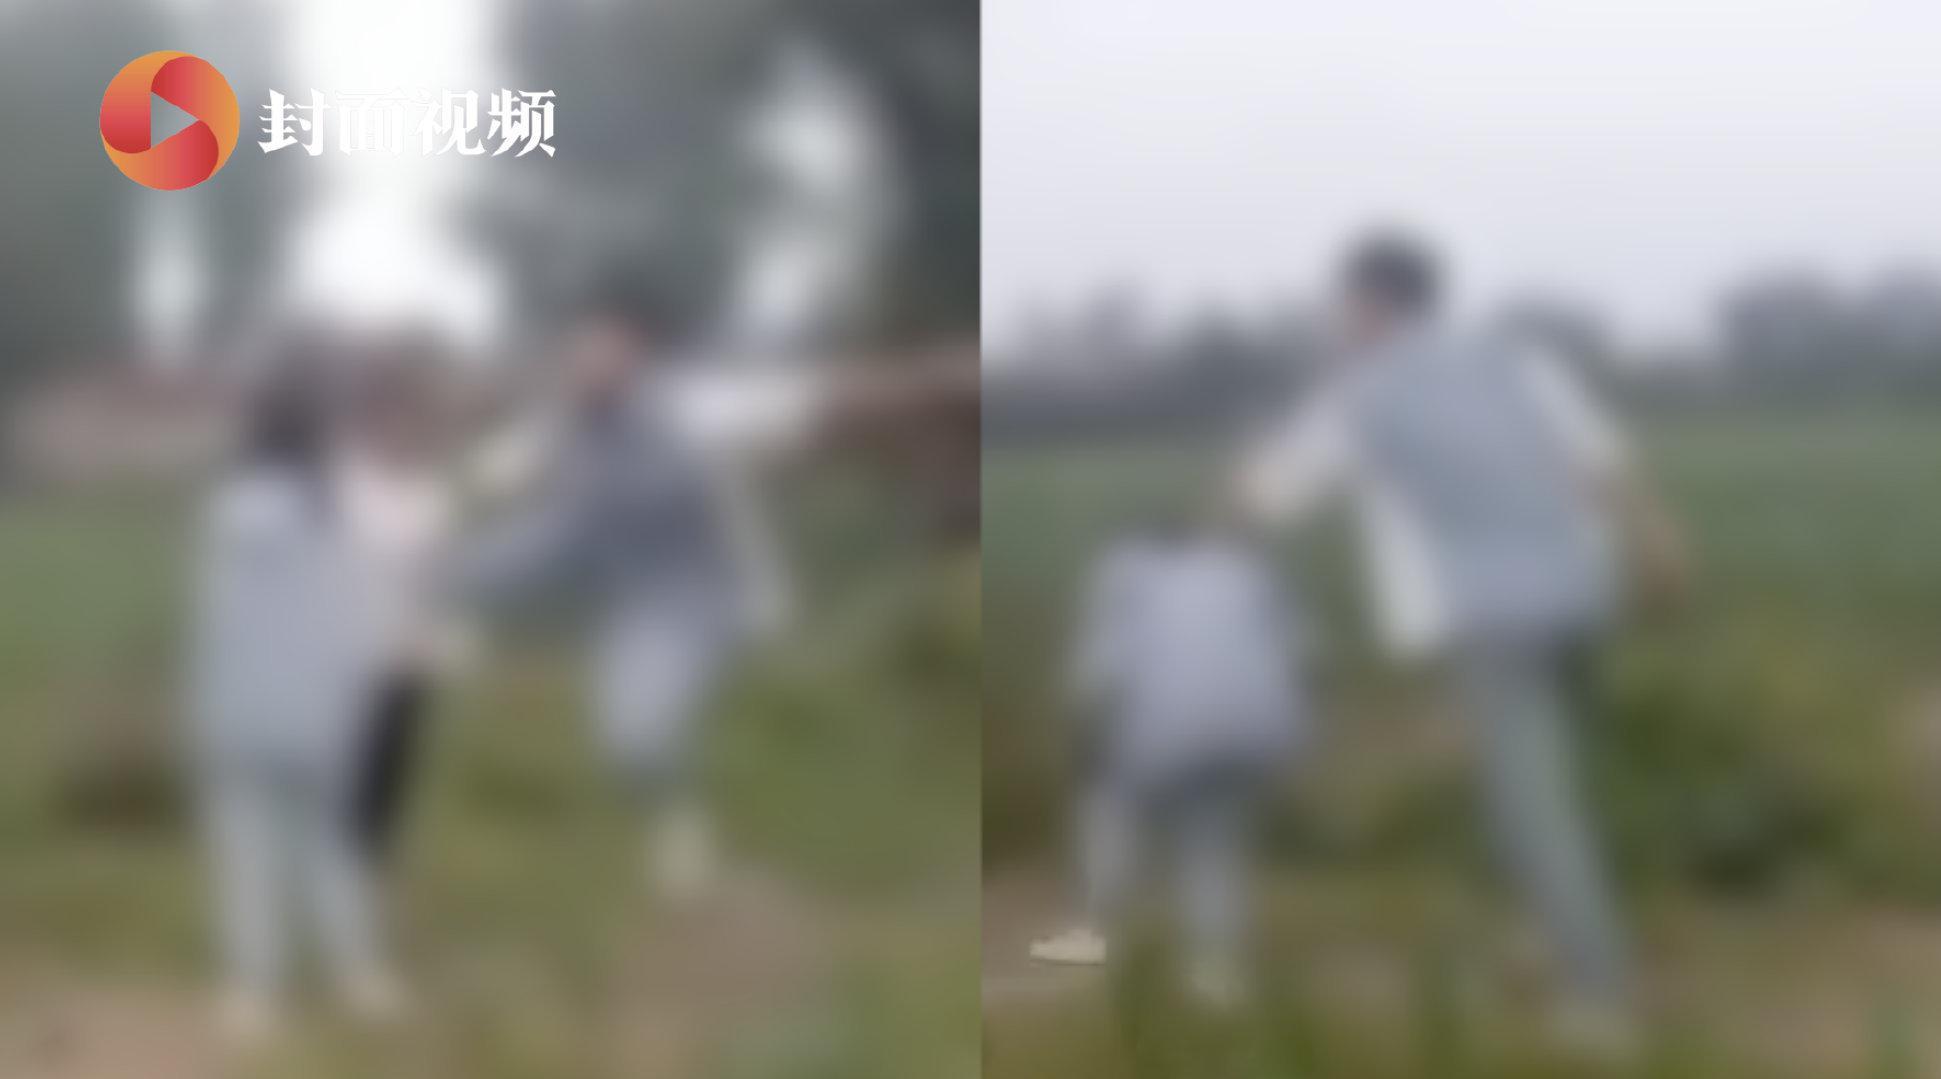 安徽一14岁女孩与同学产生矛盾 对方邀约多人对其掌掴脚踹